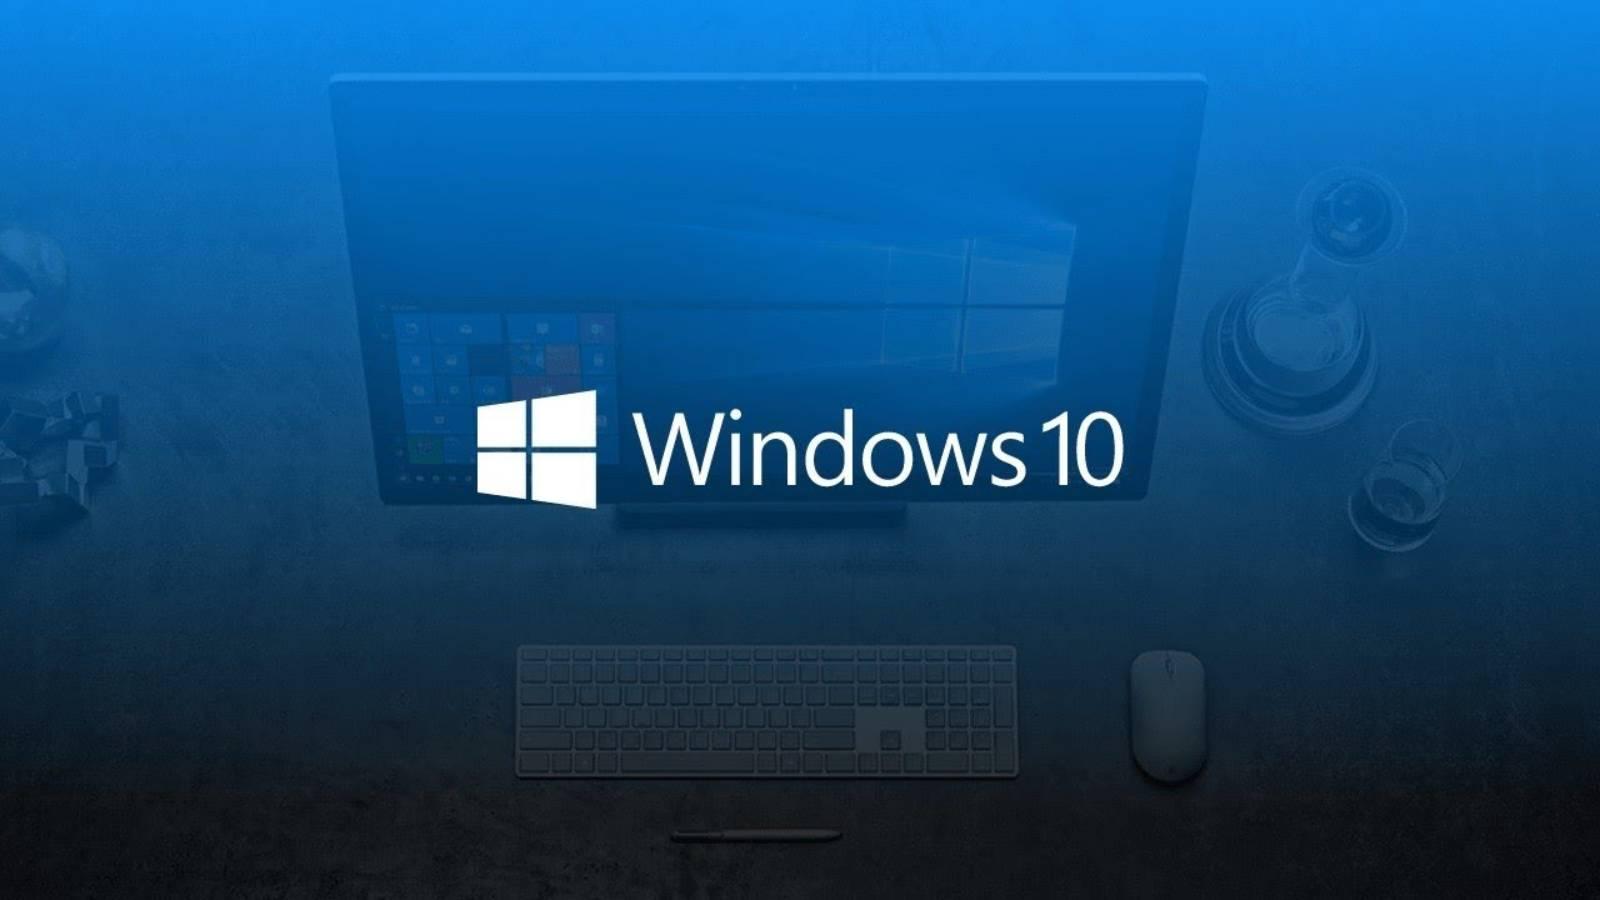 Windows 10 compatibilitate